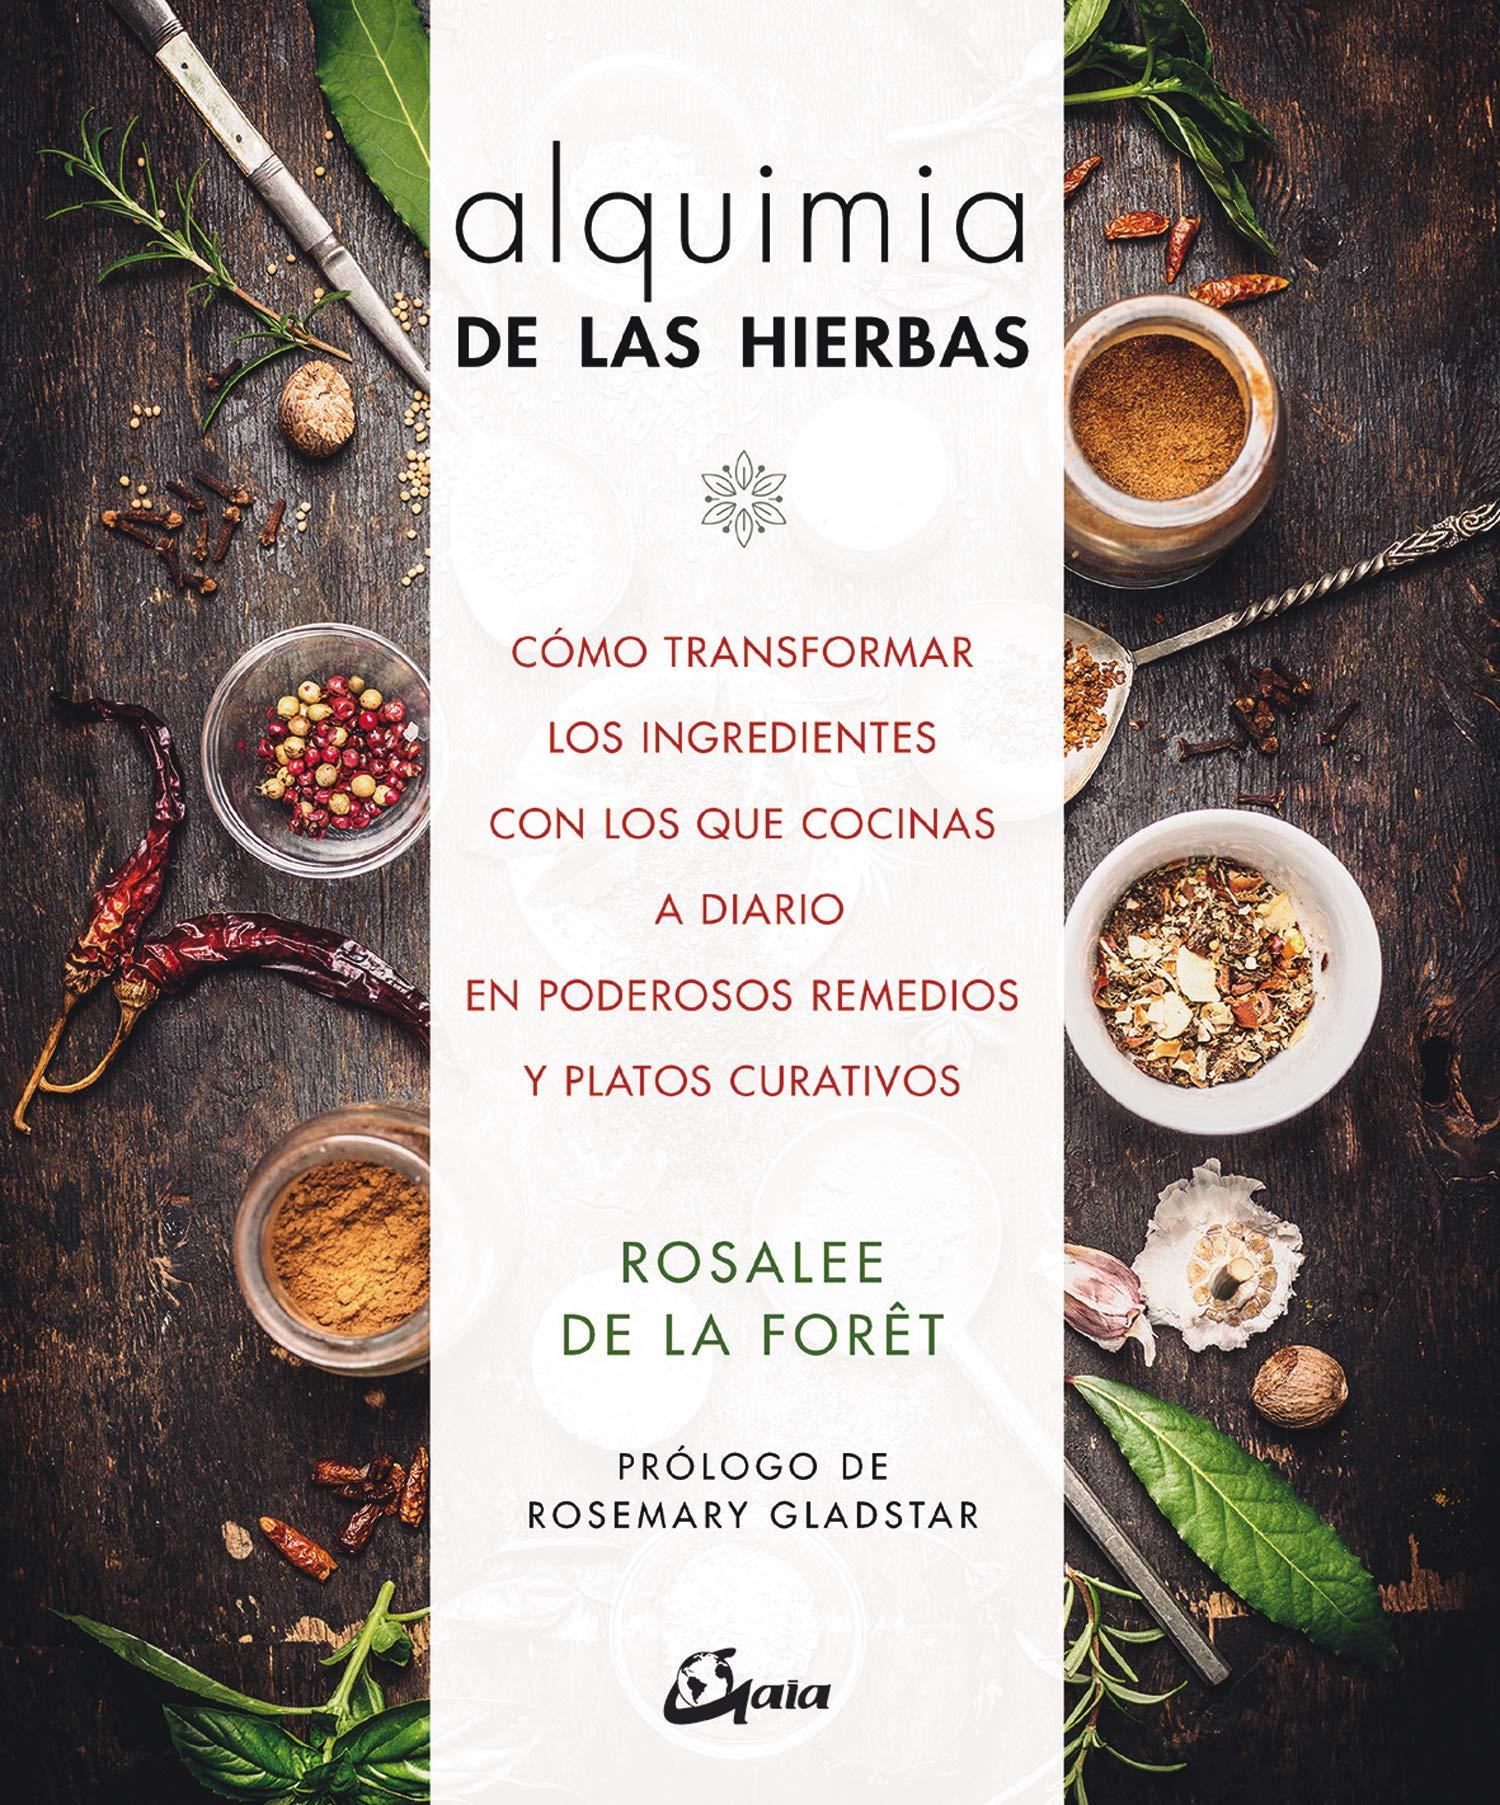 Alquimia de las hierbas. Cómo transformar los ingredientes: Cómo transformar los ingredientes con los que cocinas a diario en poderosos remedios y platos curativos Salud natural: Amazon.es: de la Forêt, Rosalee, González